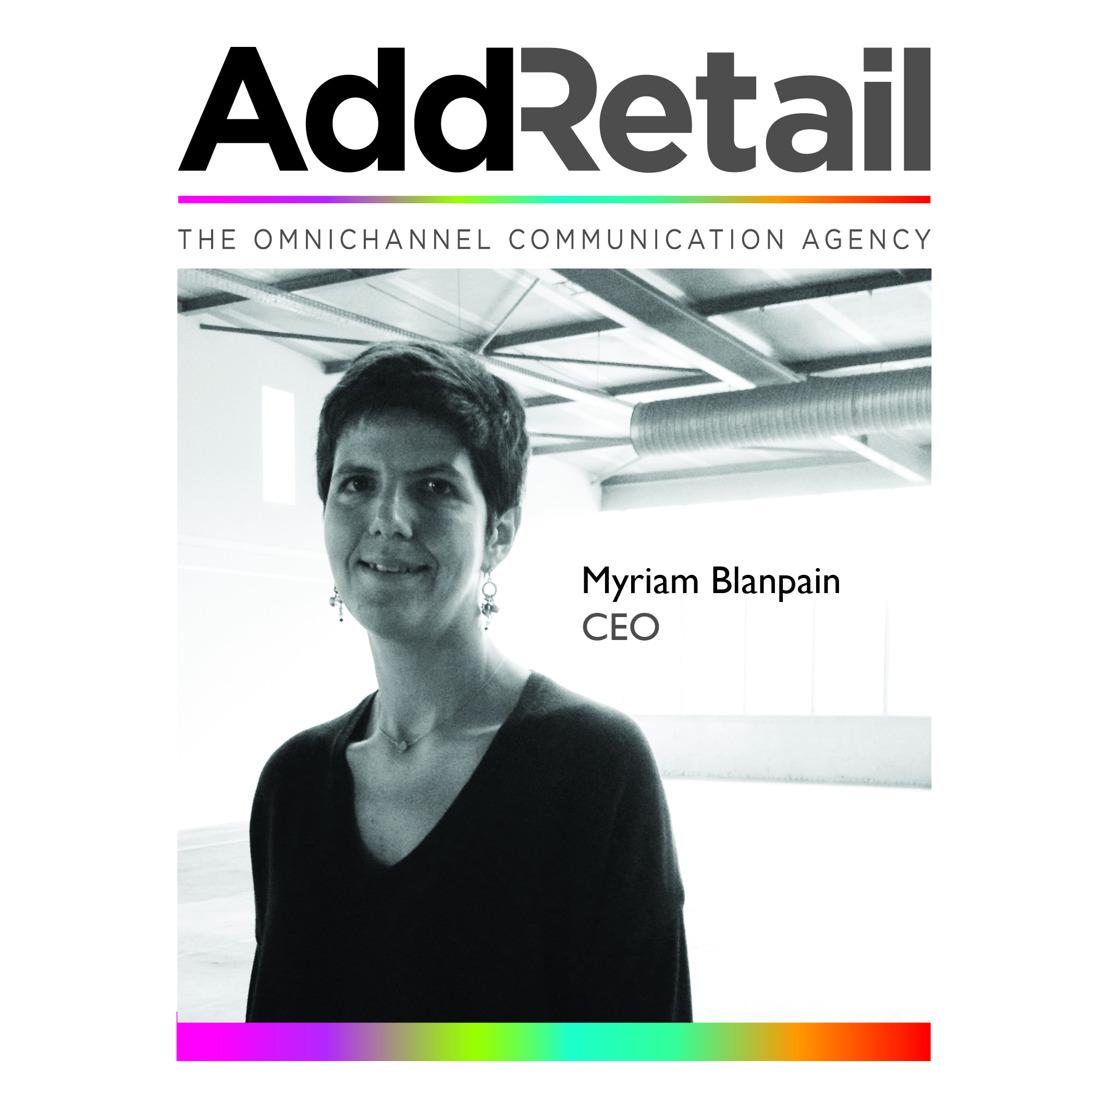 Air lanceert AddRetail: het eerste 100% retail agentschap